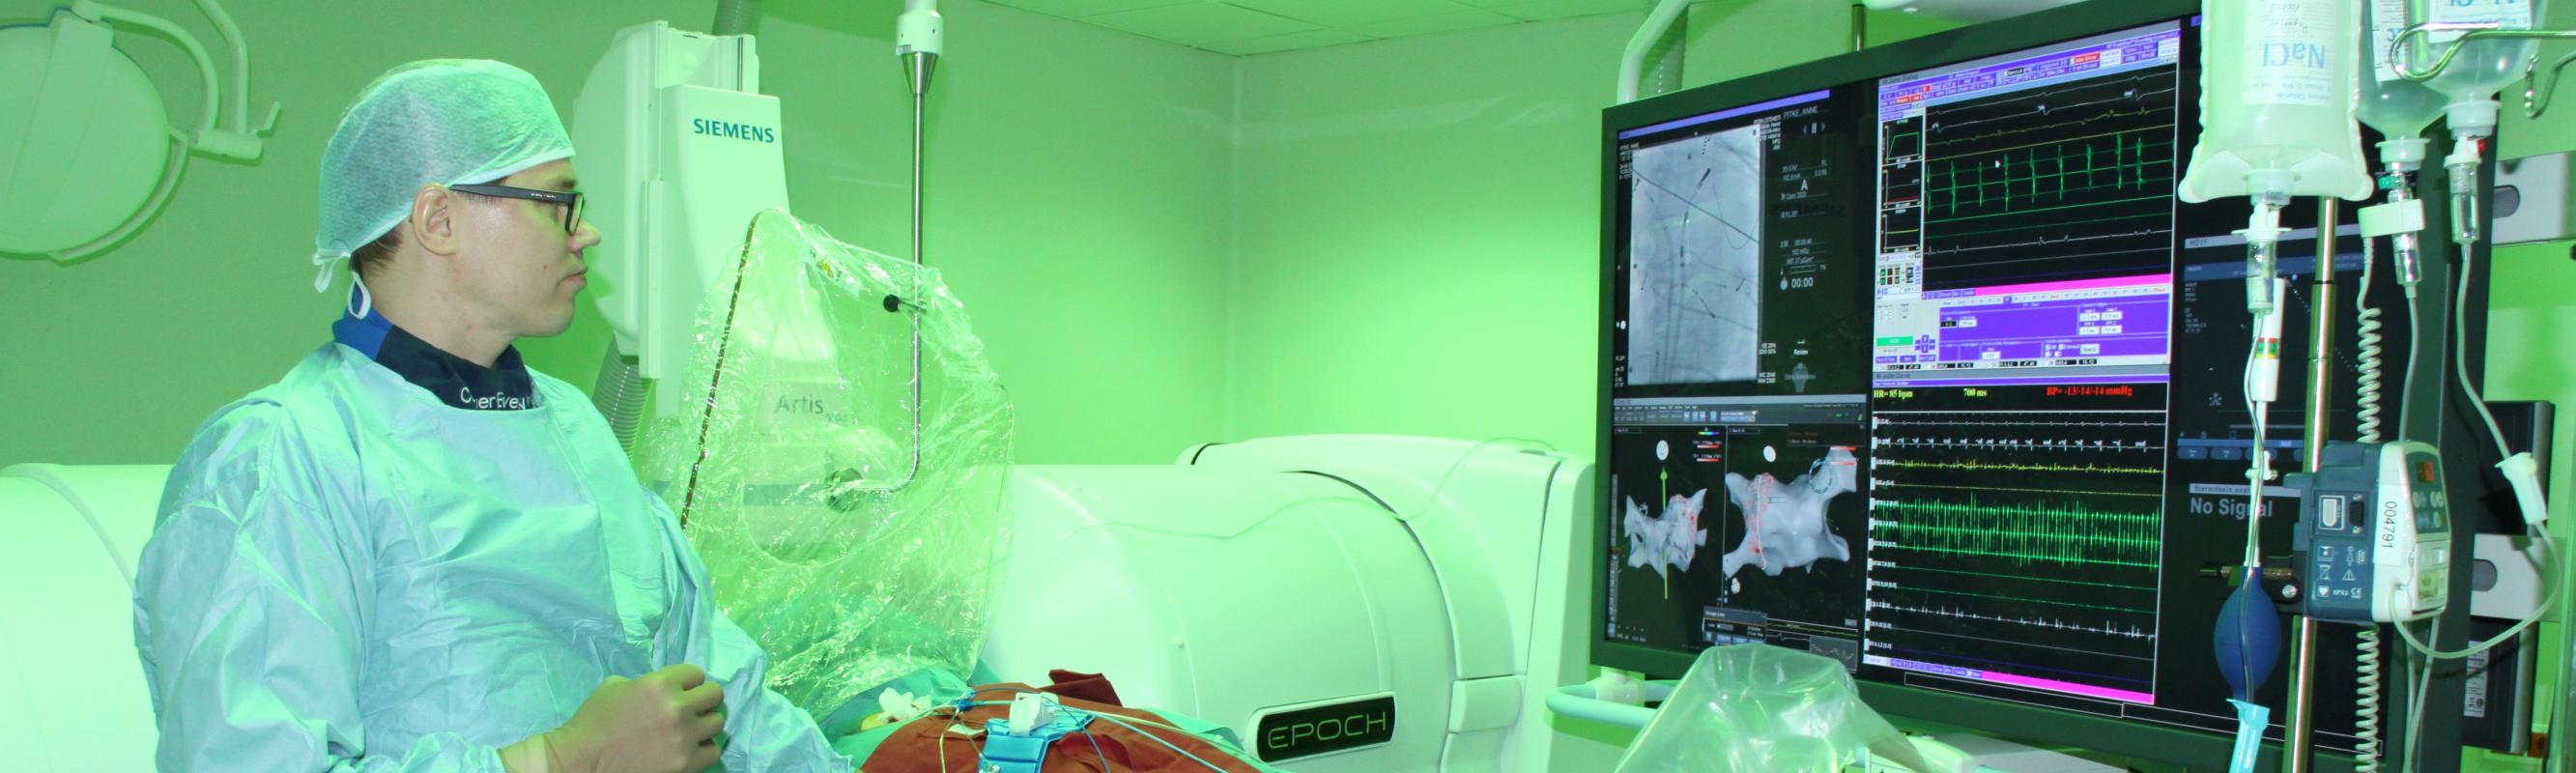 Dr Kaido Hanni kasutamas 3D piltdiagnostikaga varustatud robot-magnetnavigatsioonisüsteemi Stereotaxis